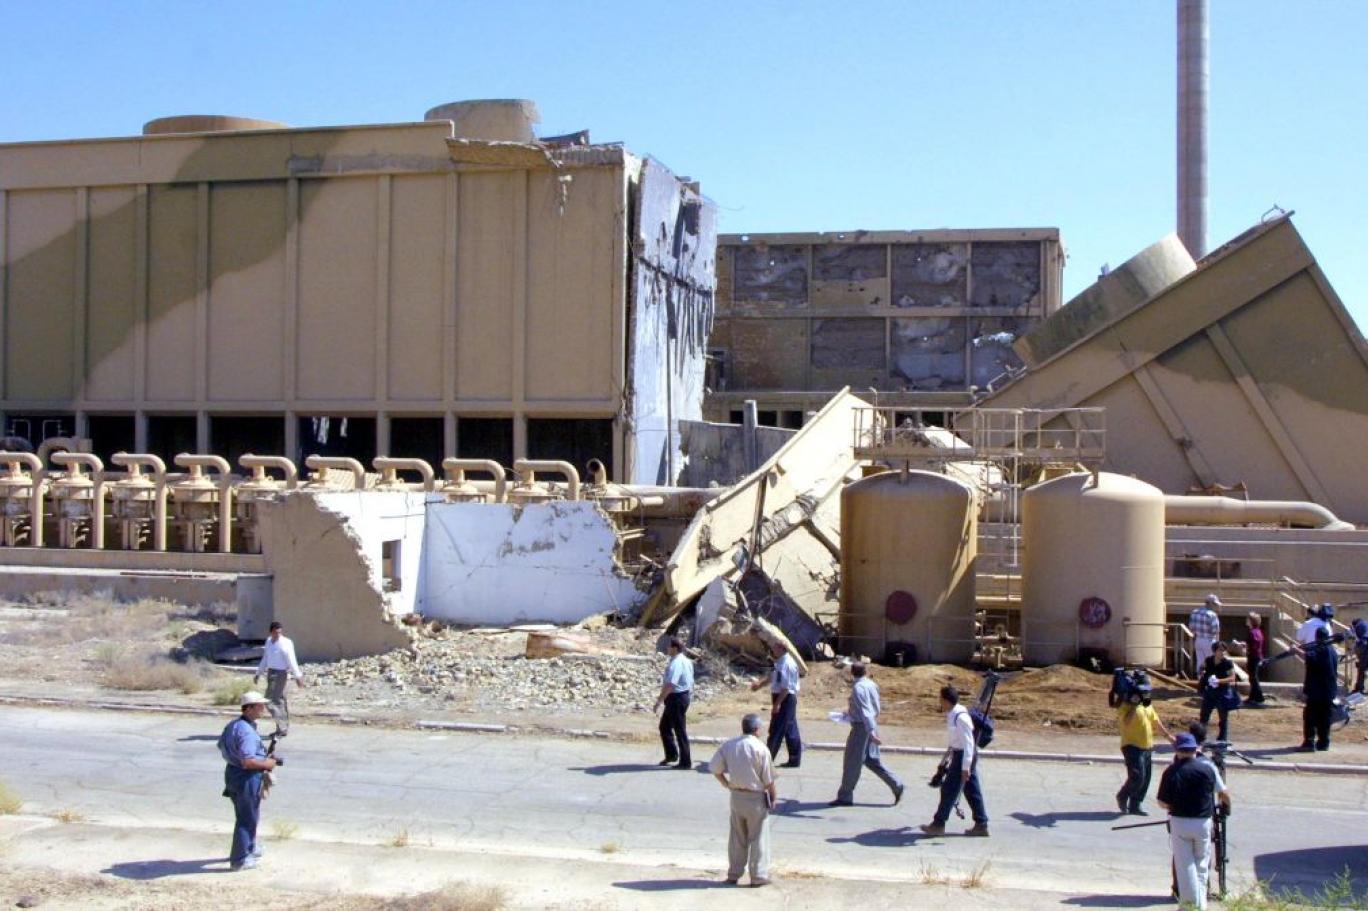 """إسرائيل تنشر وثائق لأول مرة عن """"عملية أوبرا"""" بعد مرور 40 عاما والتي نفذتها خوفا من صدام حسين"""